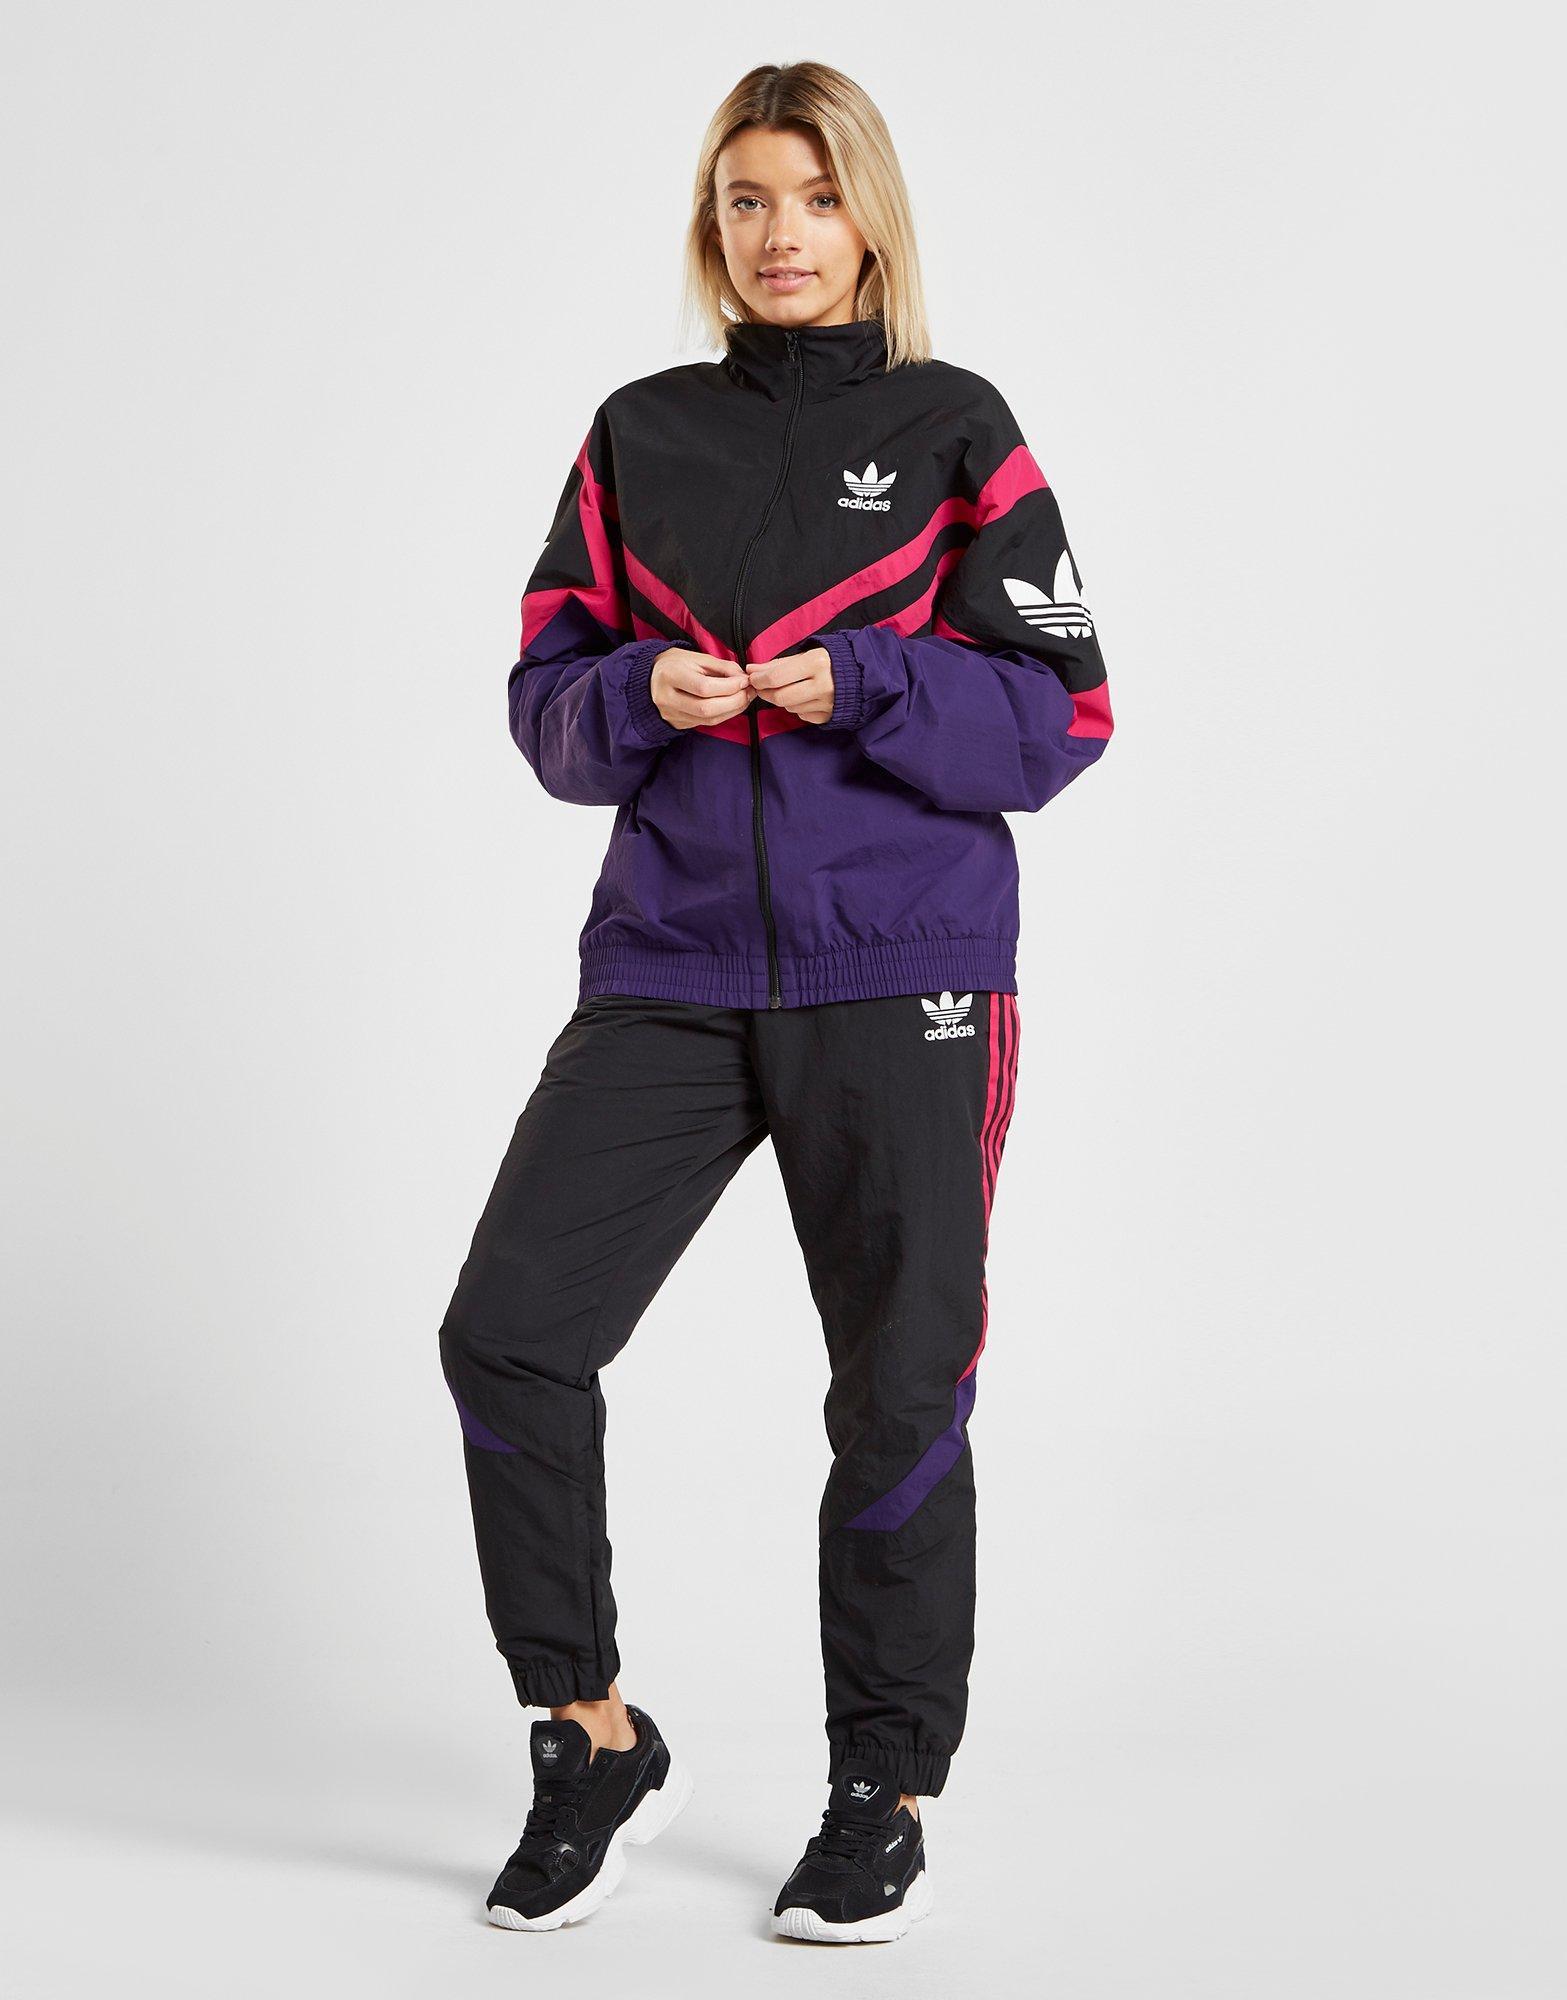 828c1e333 New adidas Originals Women's Sportivo Track Pants Black | eBay